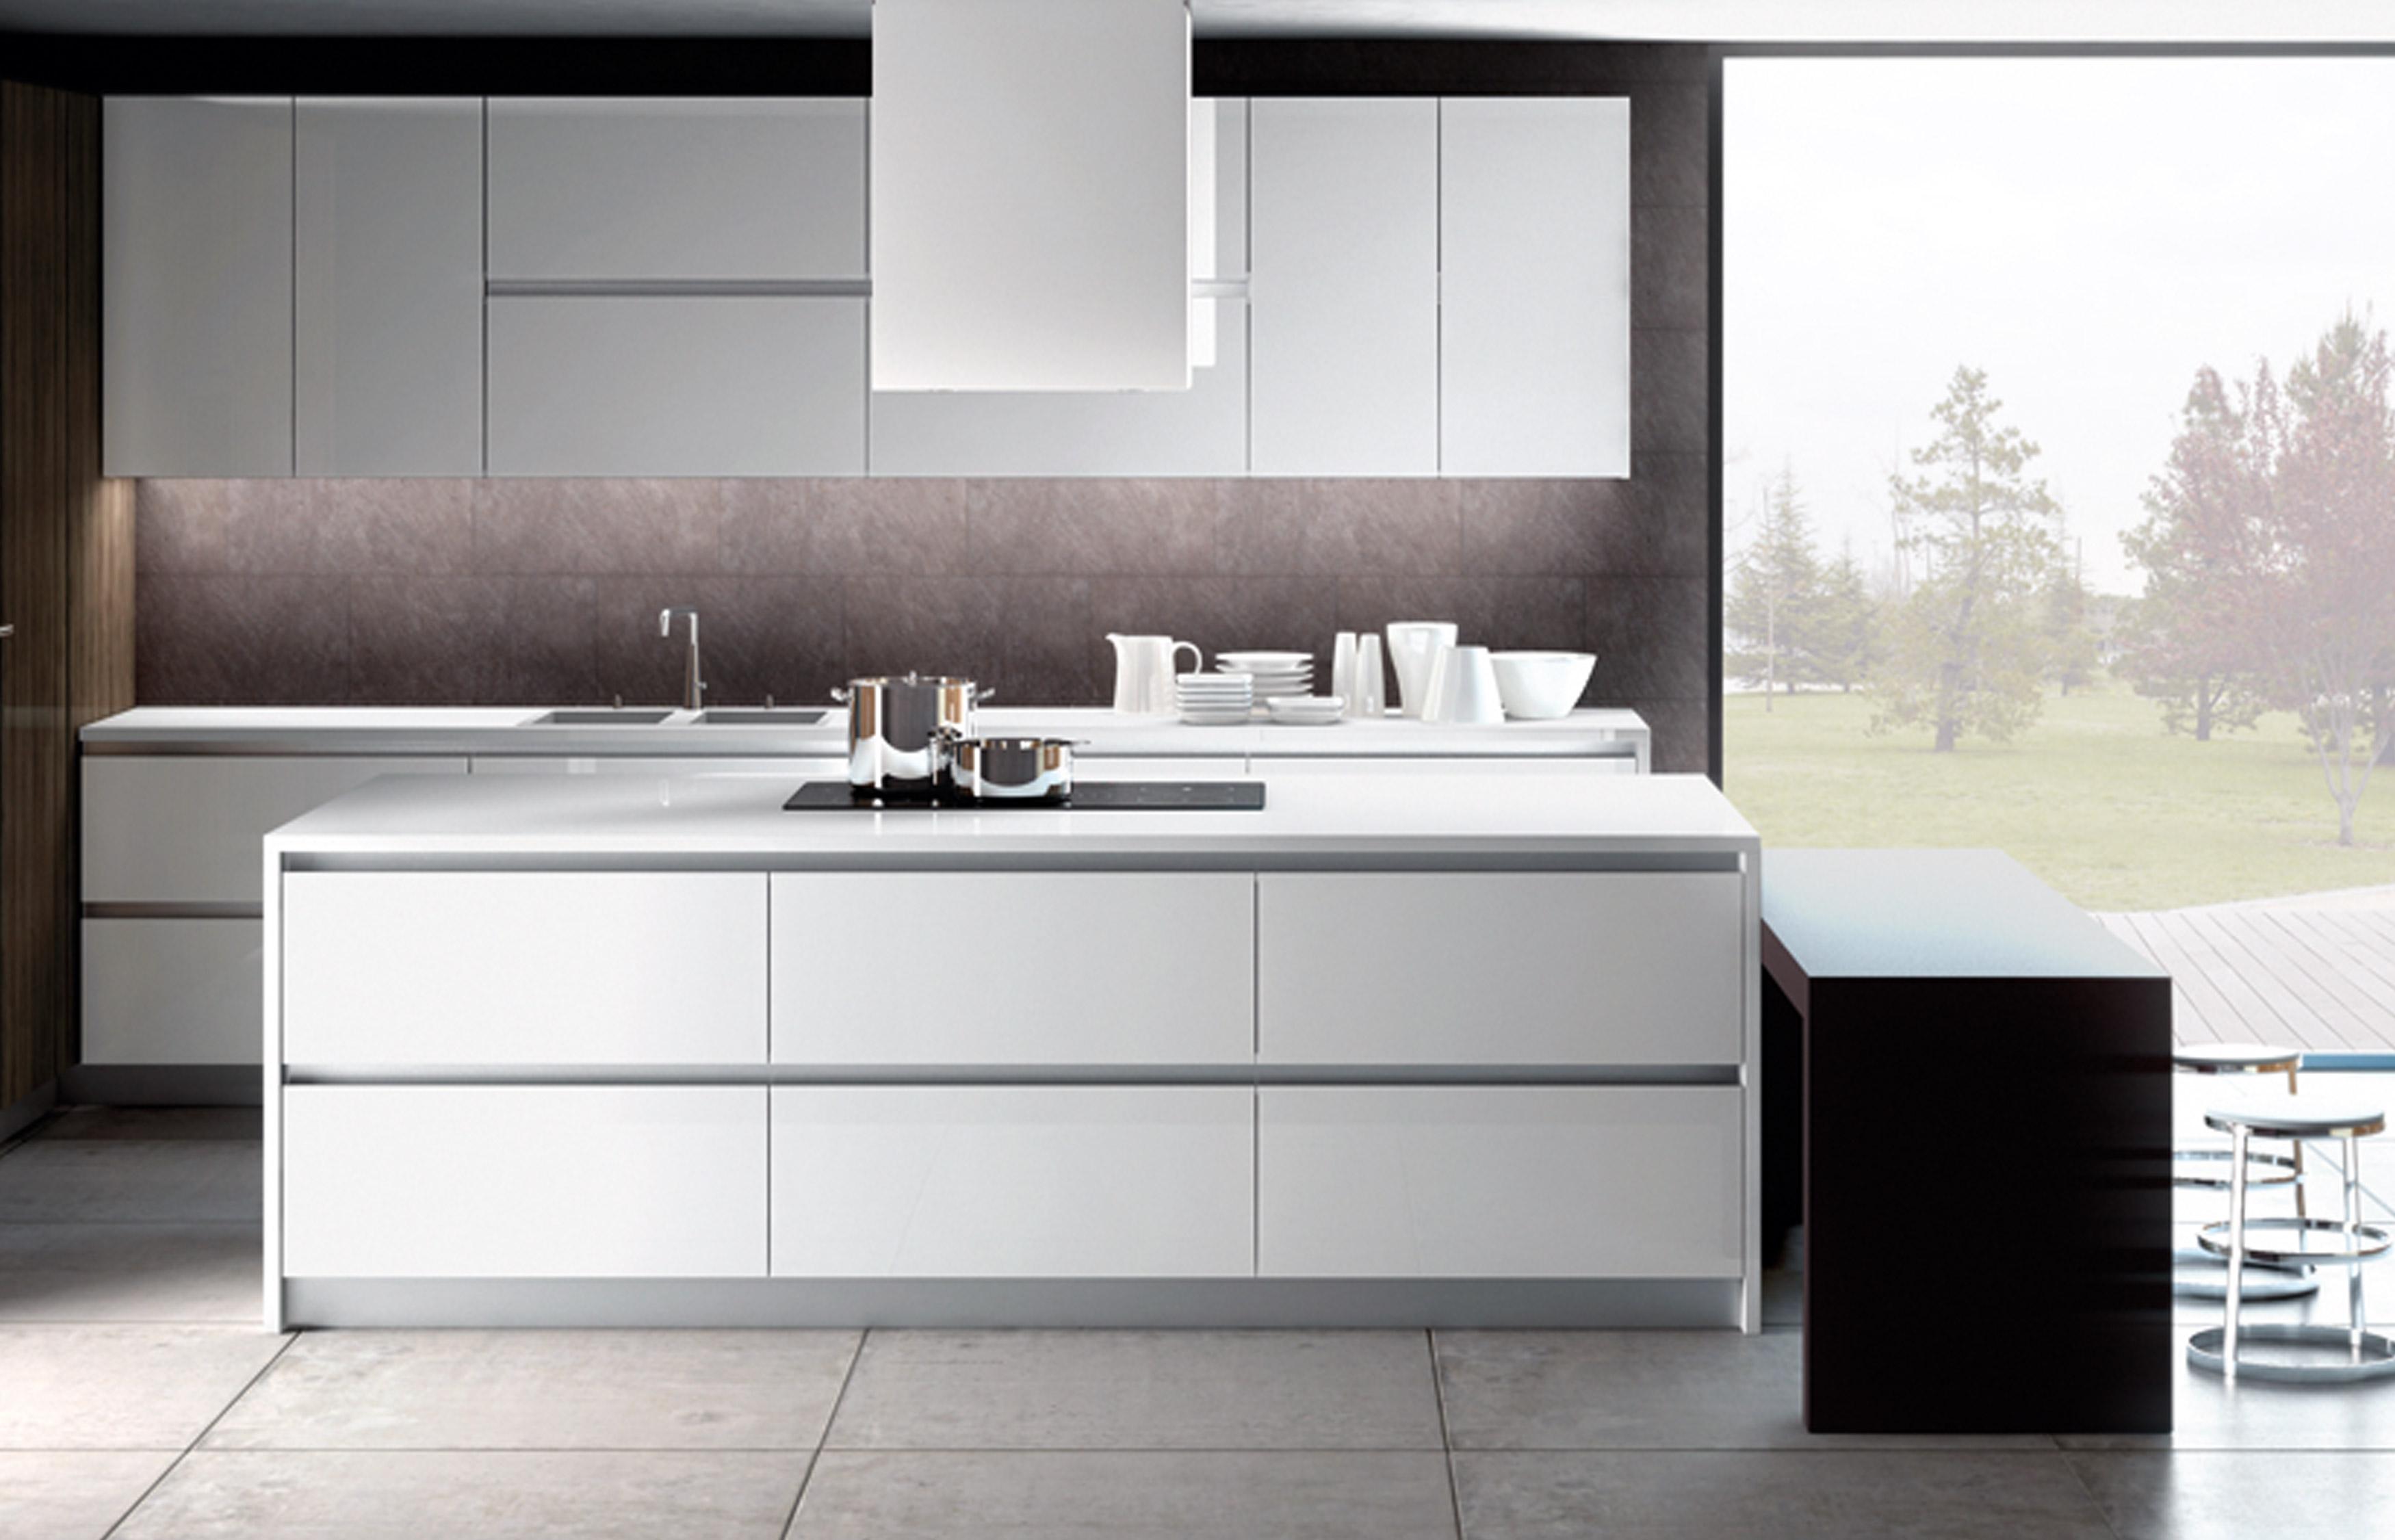 Modelo uno muebles de cocina y ba o online en madrid for Muebles de cocina online